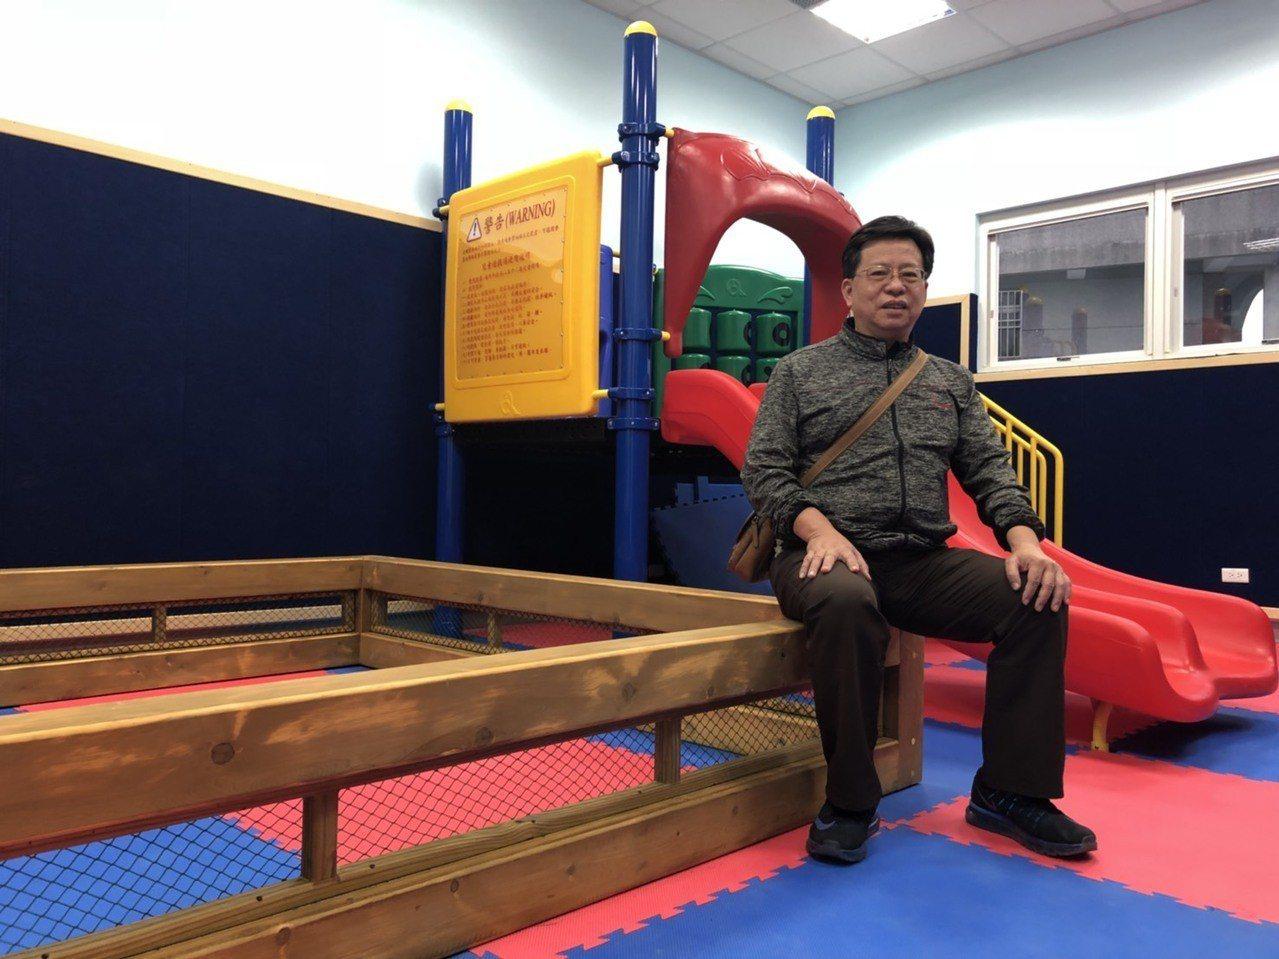 提供免費兒童遊戲室,鼓勵家長帶孩子同行。記者王慧瑛/攝影